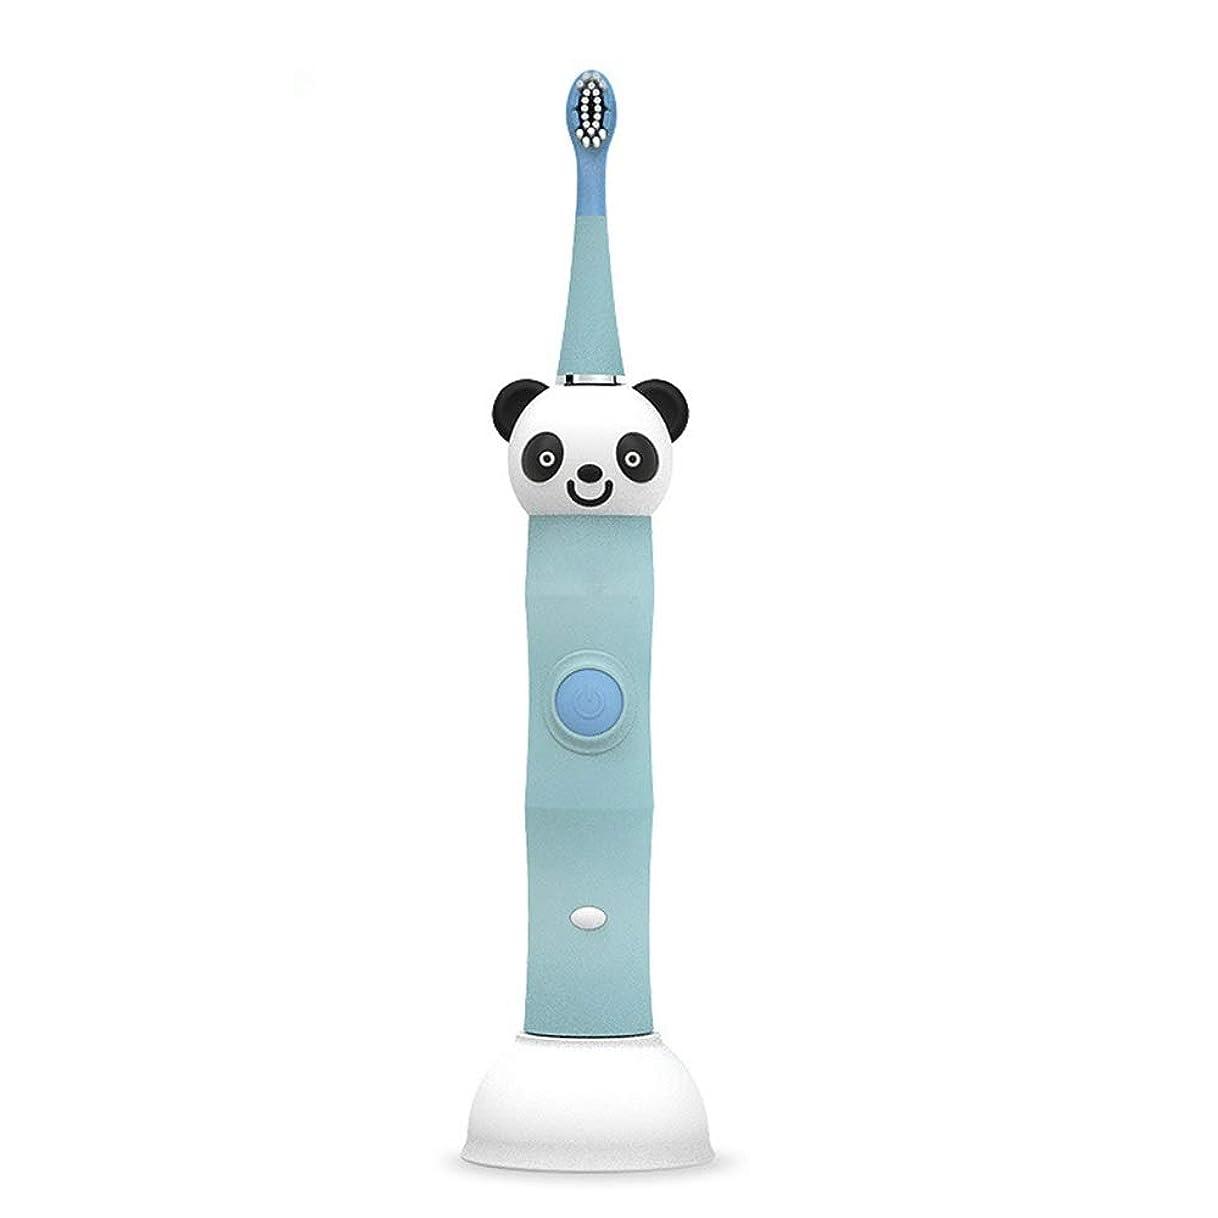 道路実業家不合格電動歯ブラシ, USBの充満基盤の柔らかい毛のきれいな歯ブラシと防水子供の電動歯ブラシ (色 : 青, サイズ : Free size)